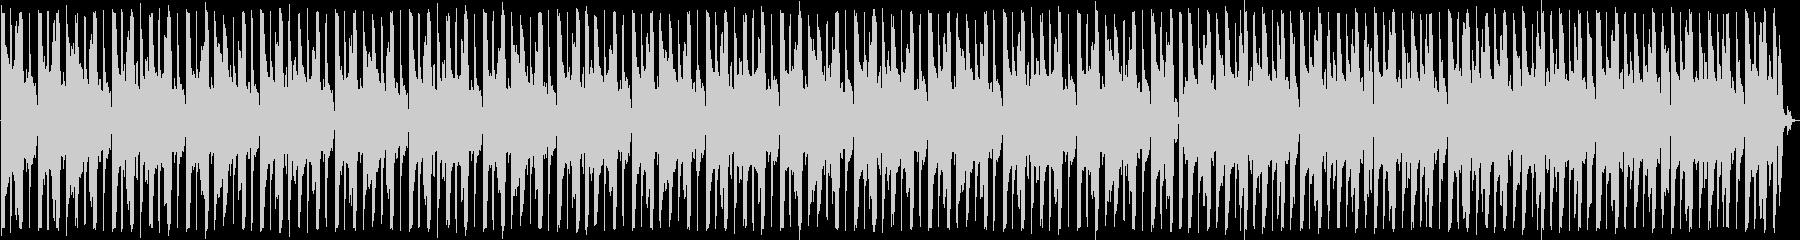 ゆったりとしたテクノ_No603_2の未再生の波形